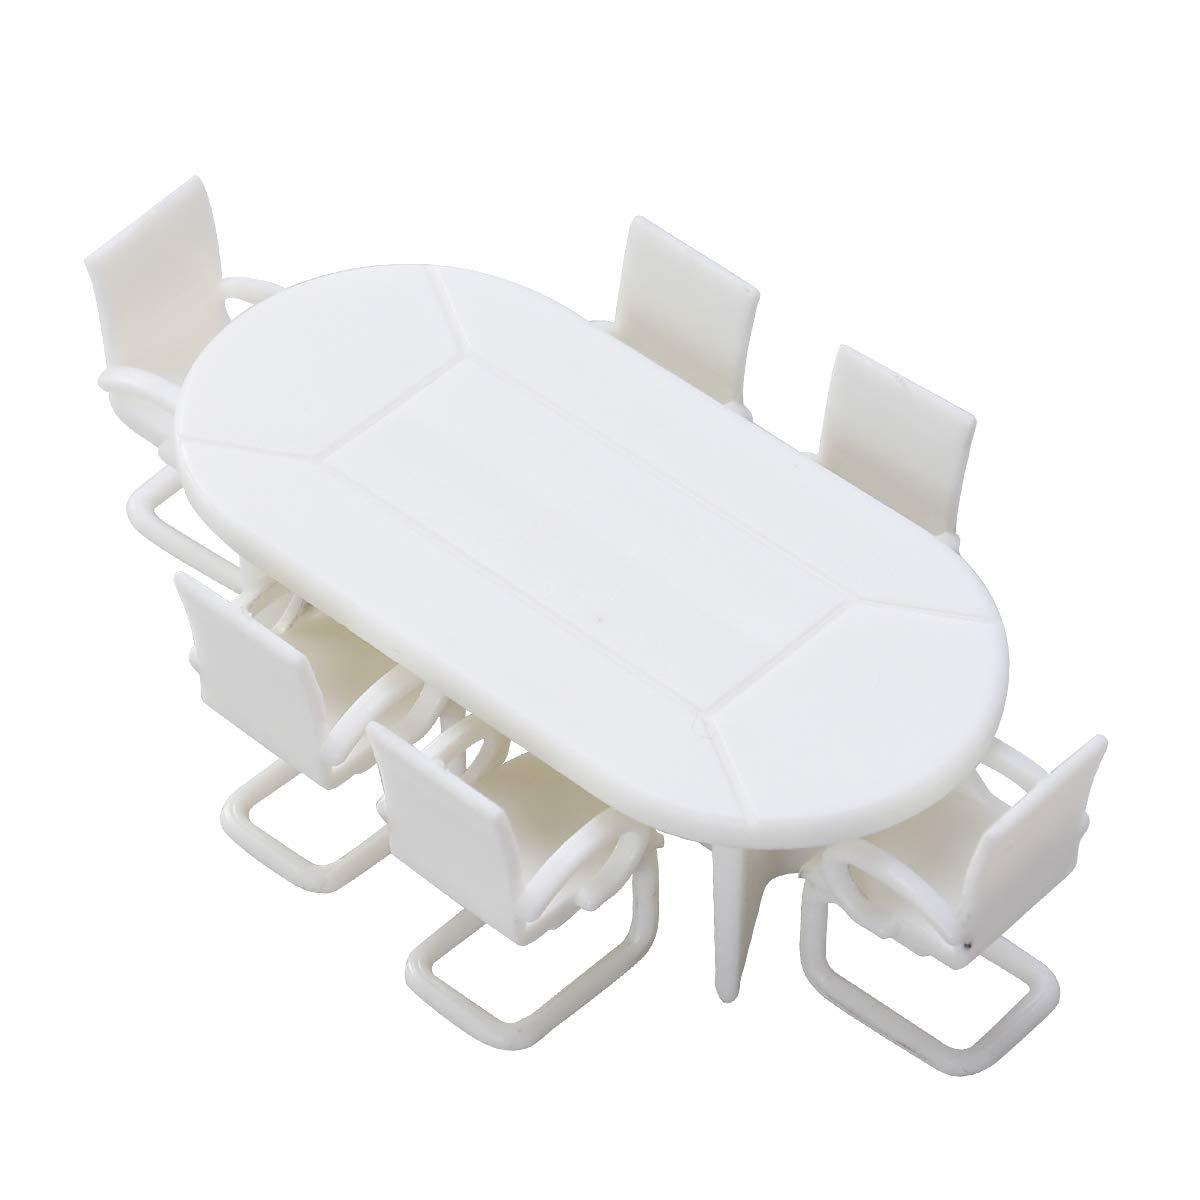 Amosfun 7pcs Dollhouse Miniature Meubles Minature Table Et Chaises Ensemble Miniature Fée Jardin Accessoires